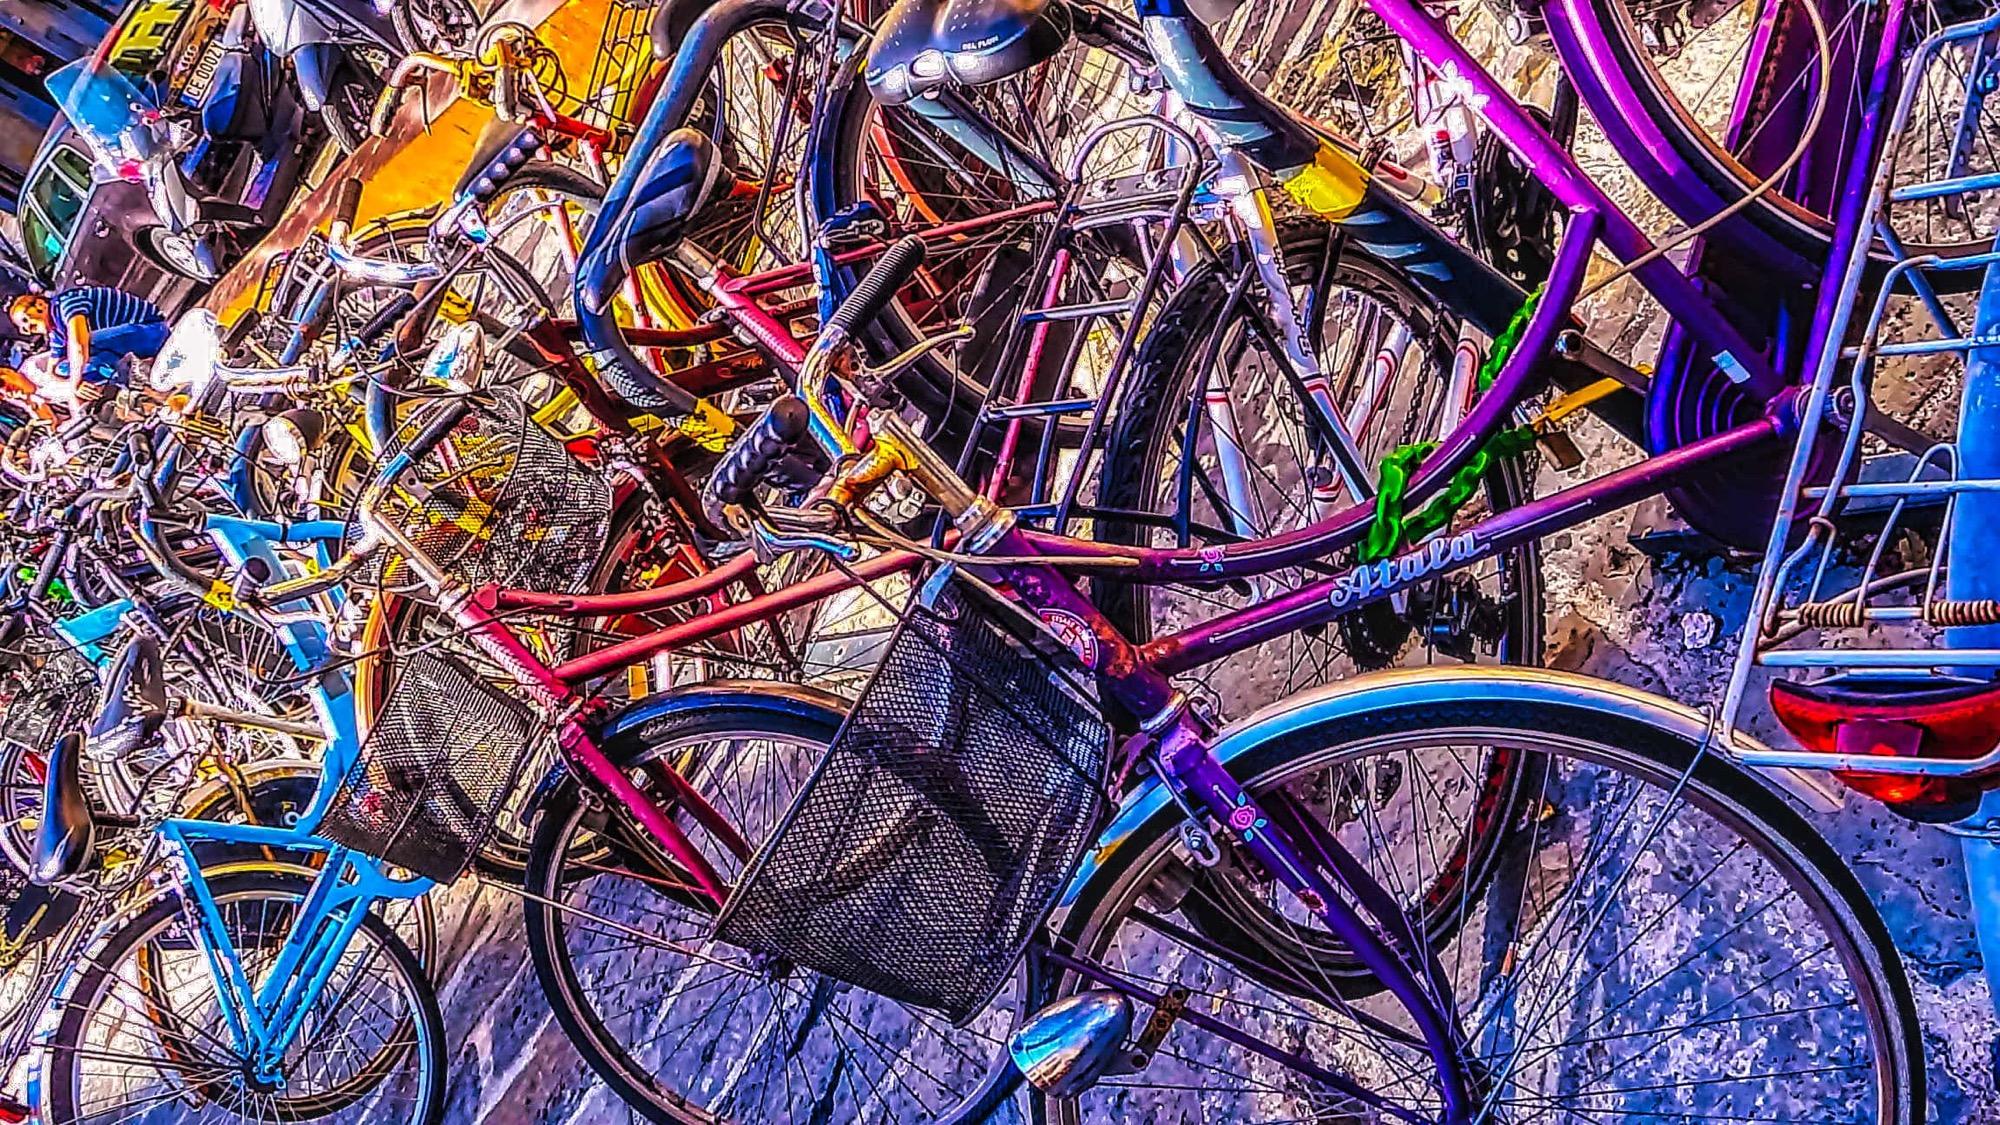 20110919 - 14-52-40_AuroraHDR2019-edit.jpg